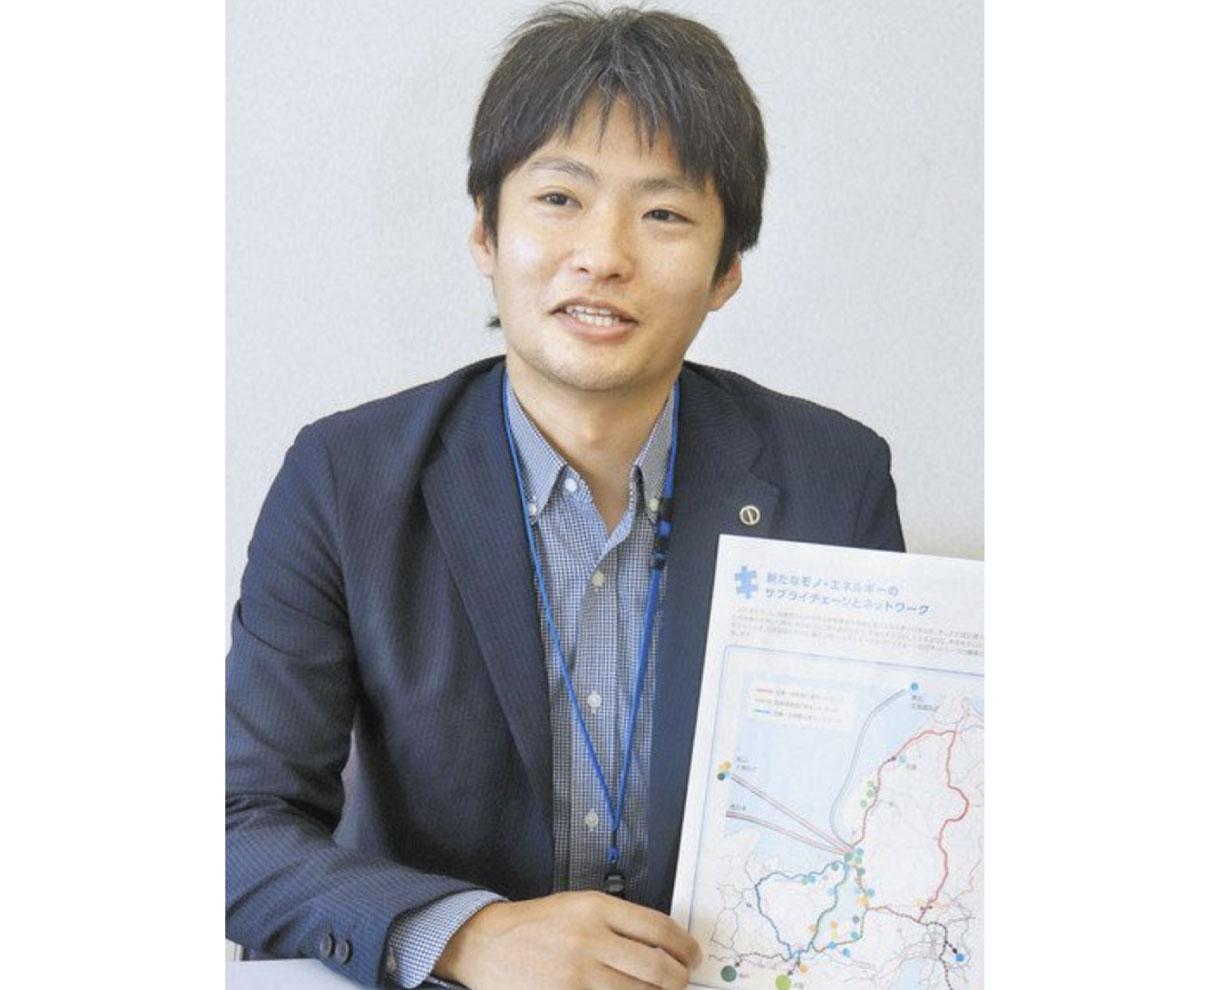 敦賀市政策幹・森川さんに聞く 経産省から出向 水素エネで企業誘致へ